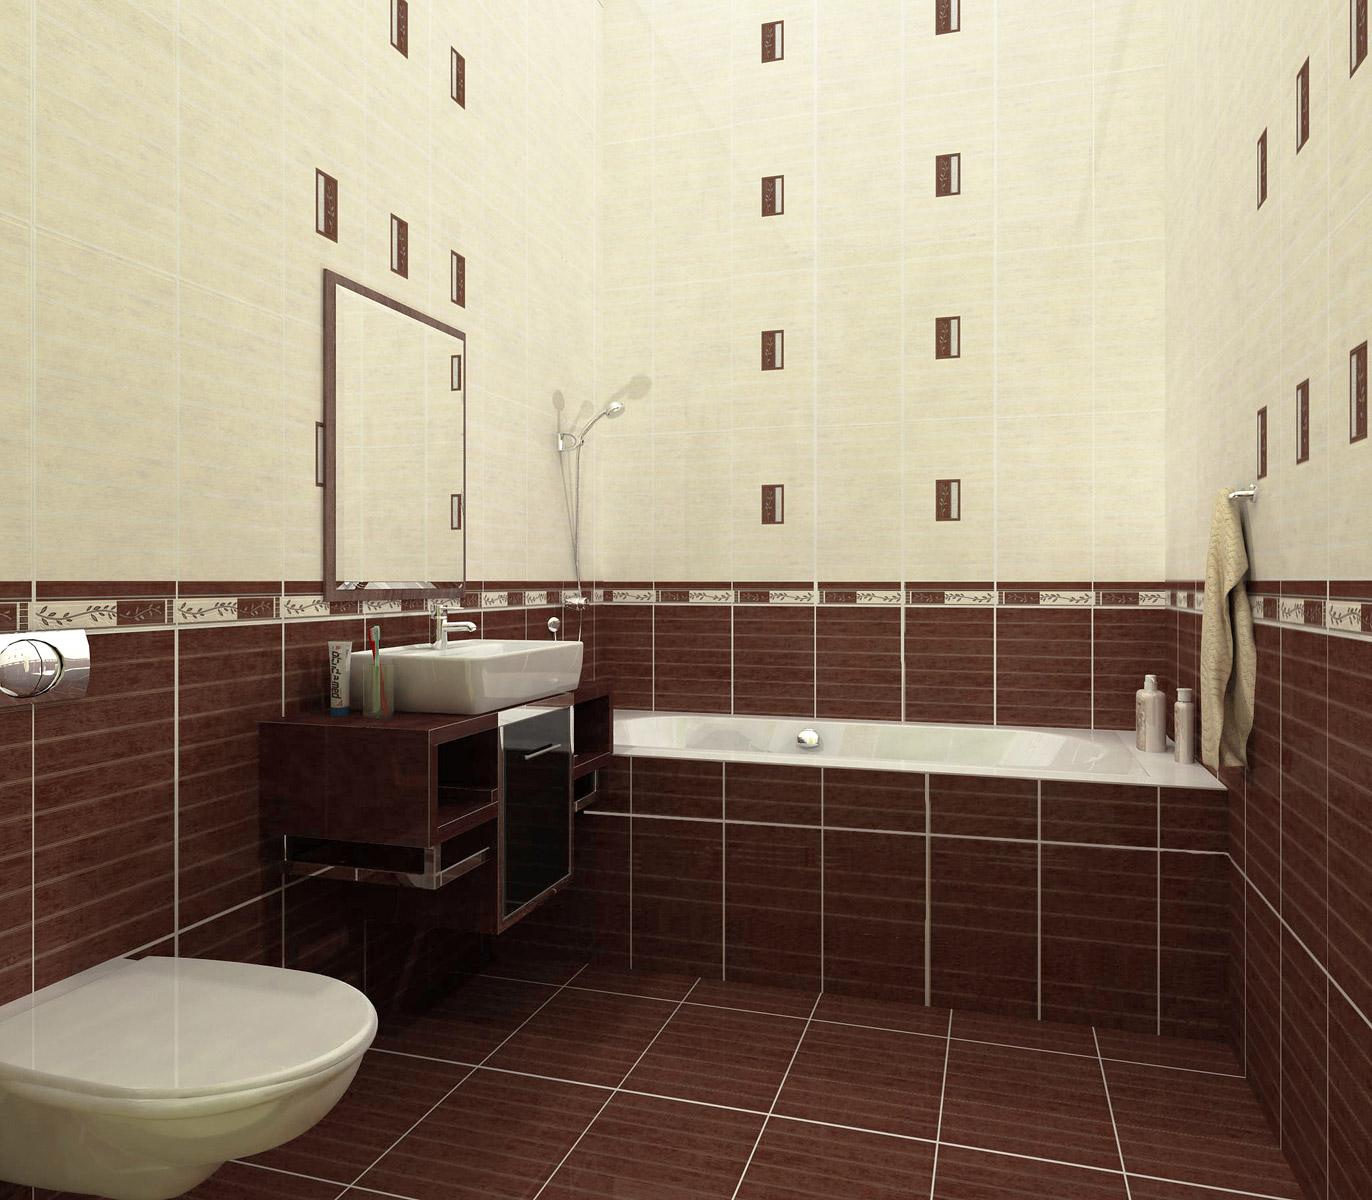 образцы кафельной плитки для ванной